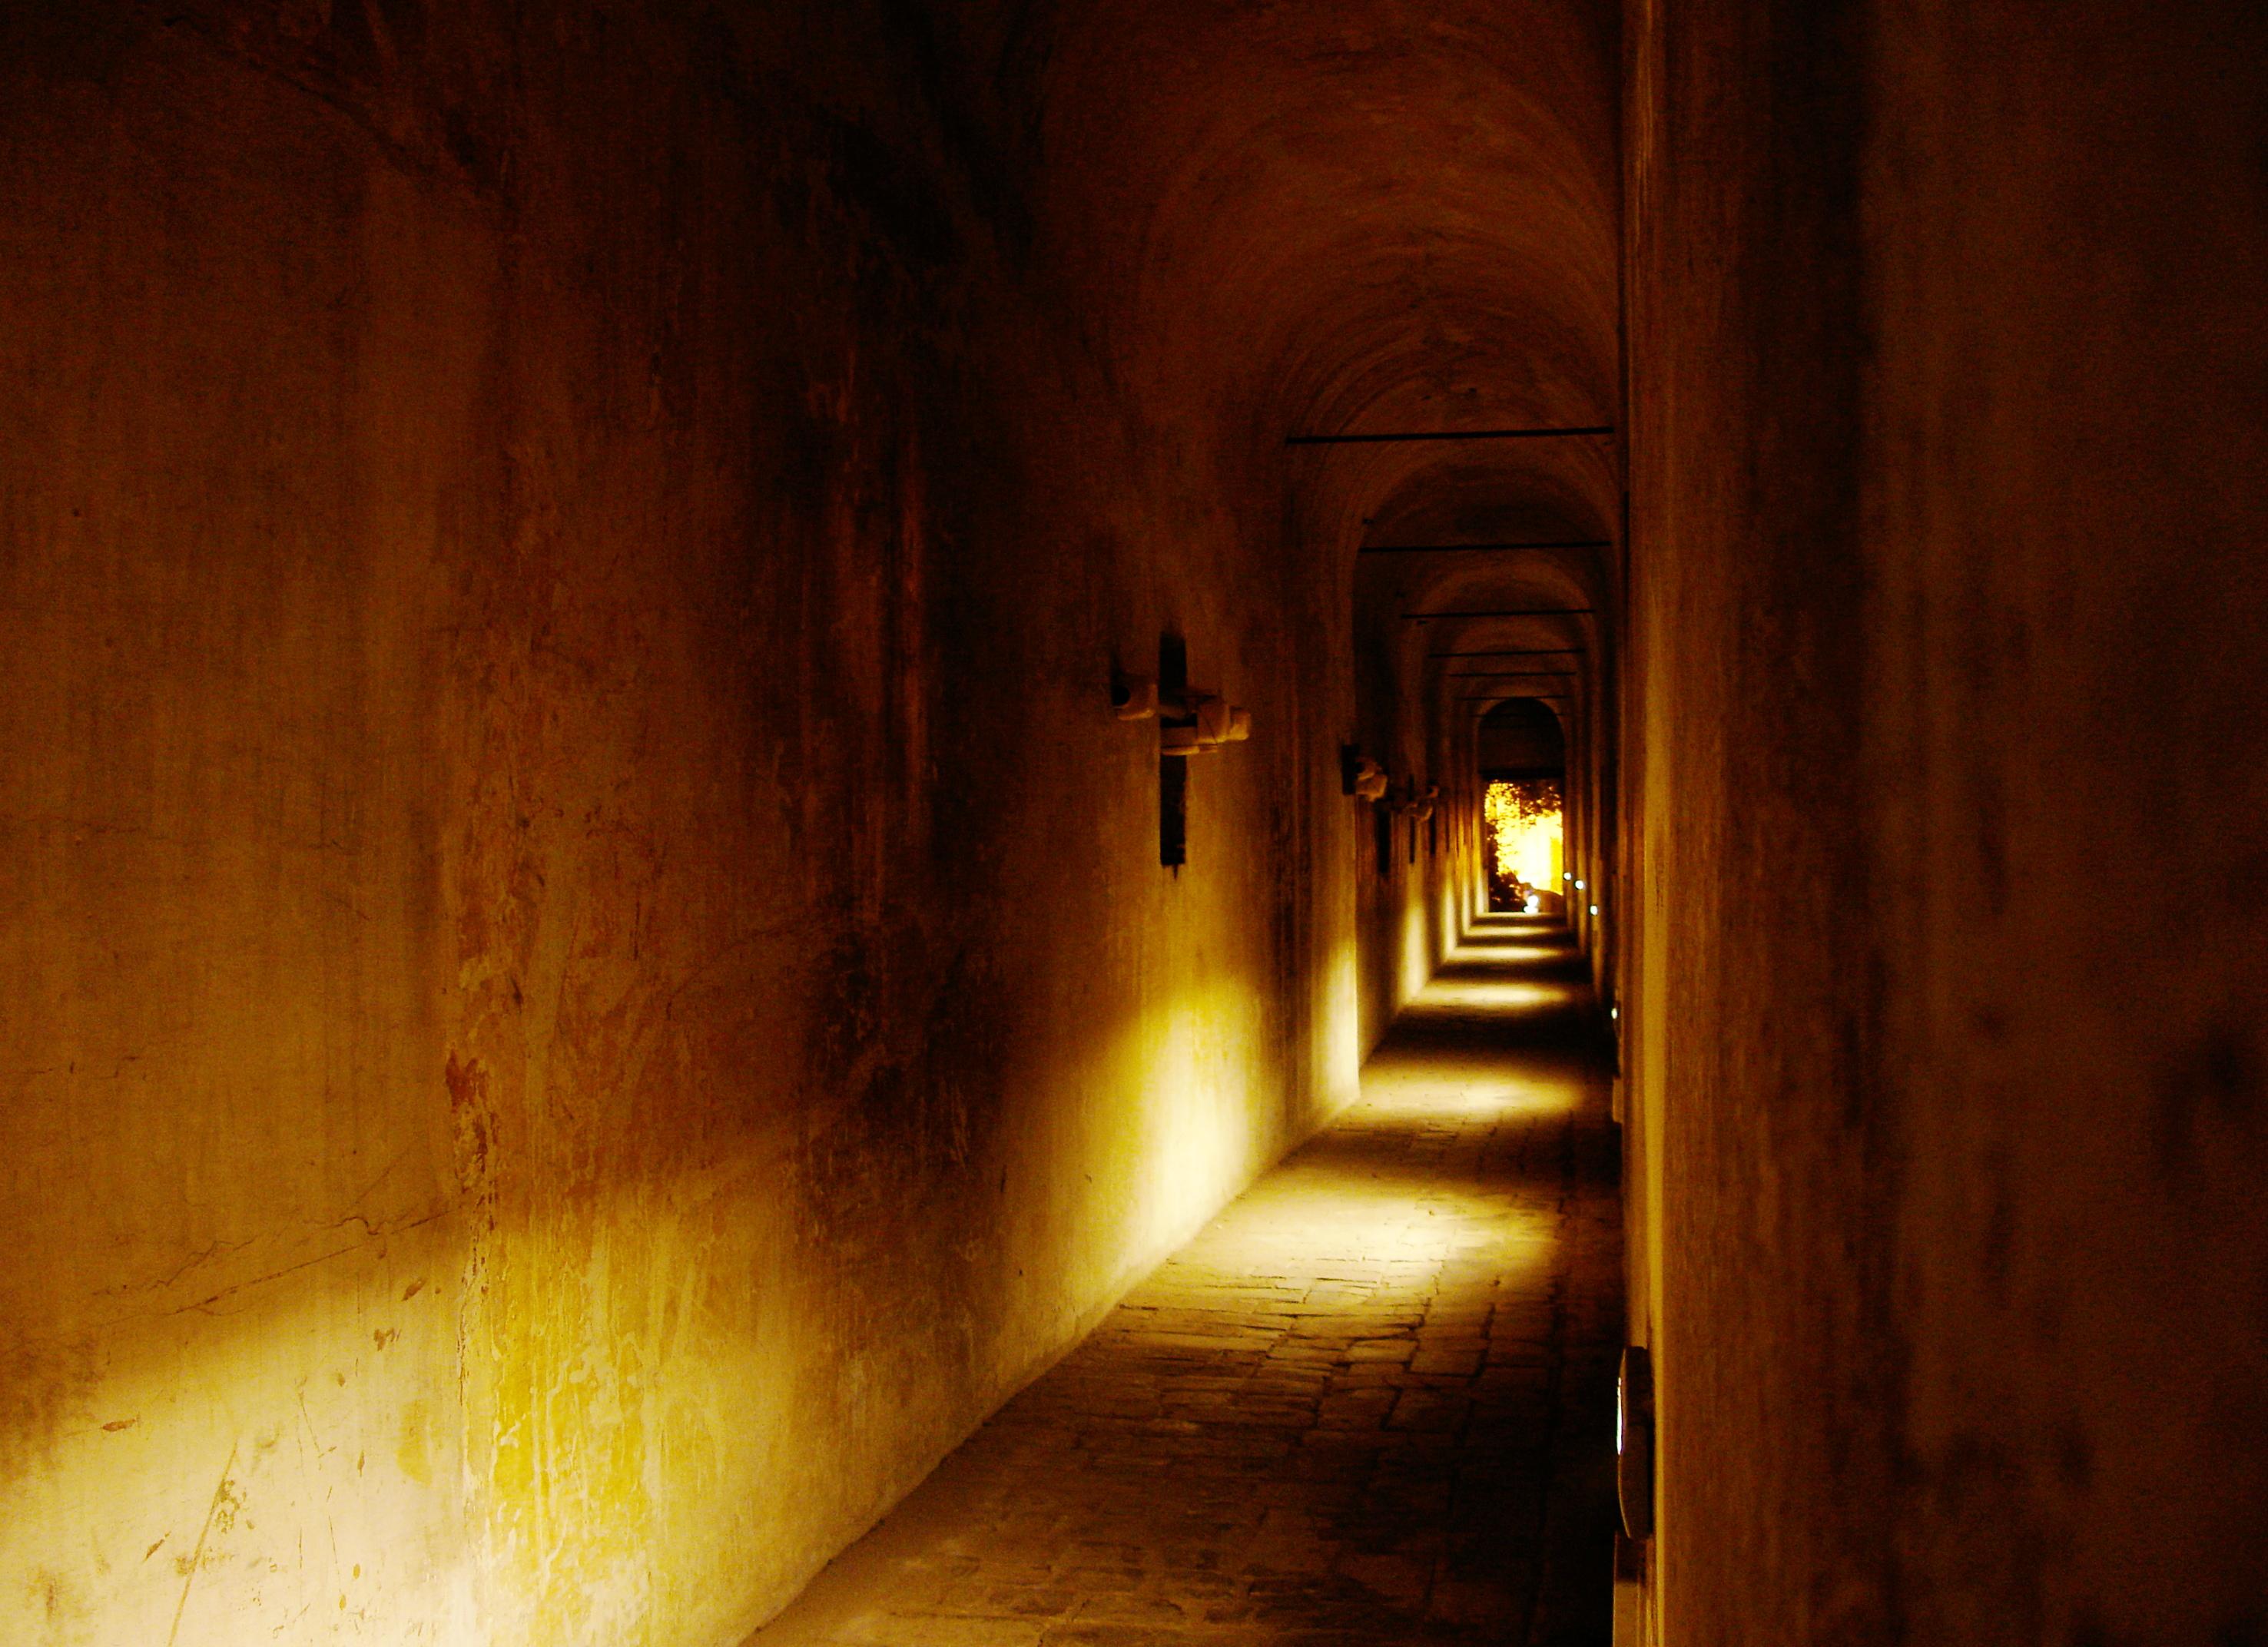 Abbey Passageway Lit Up At Night